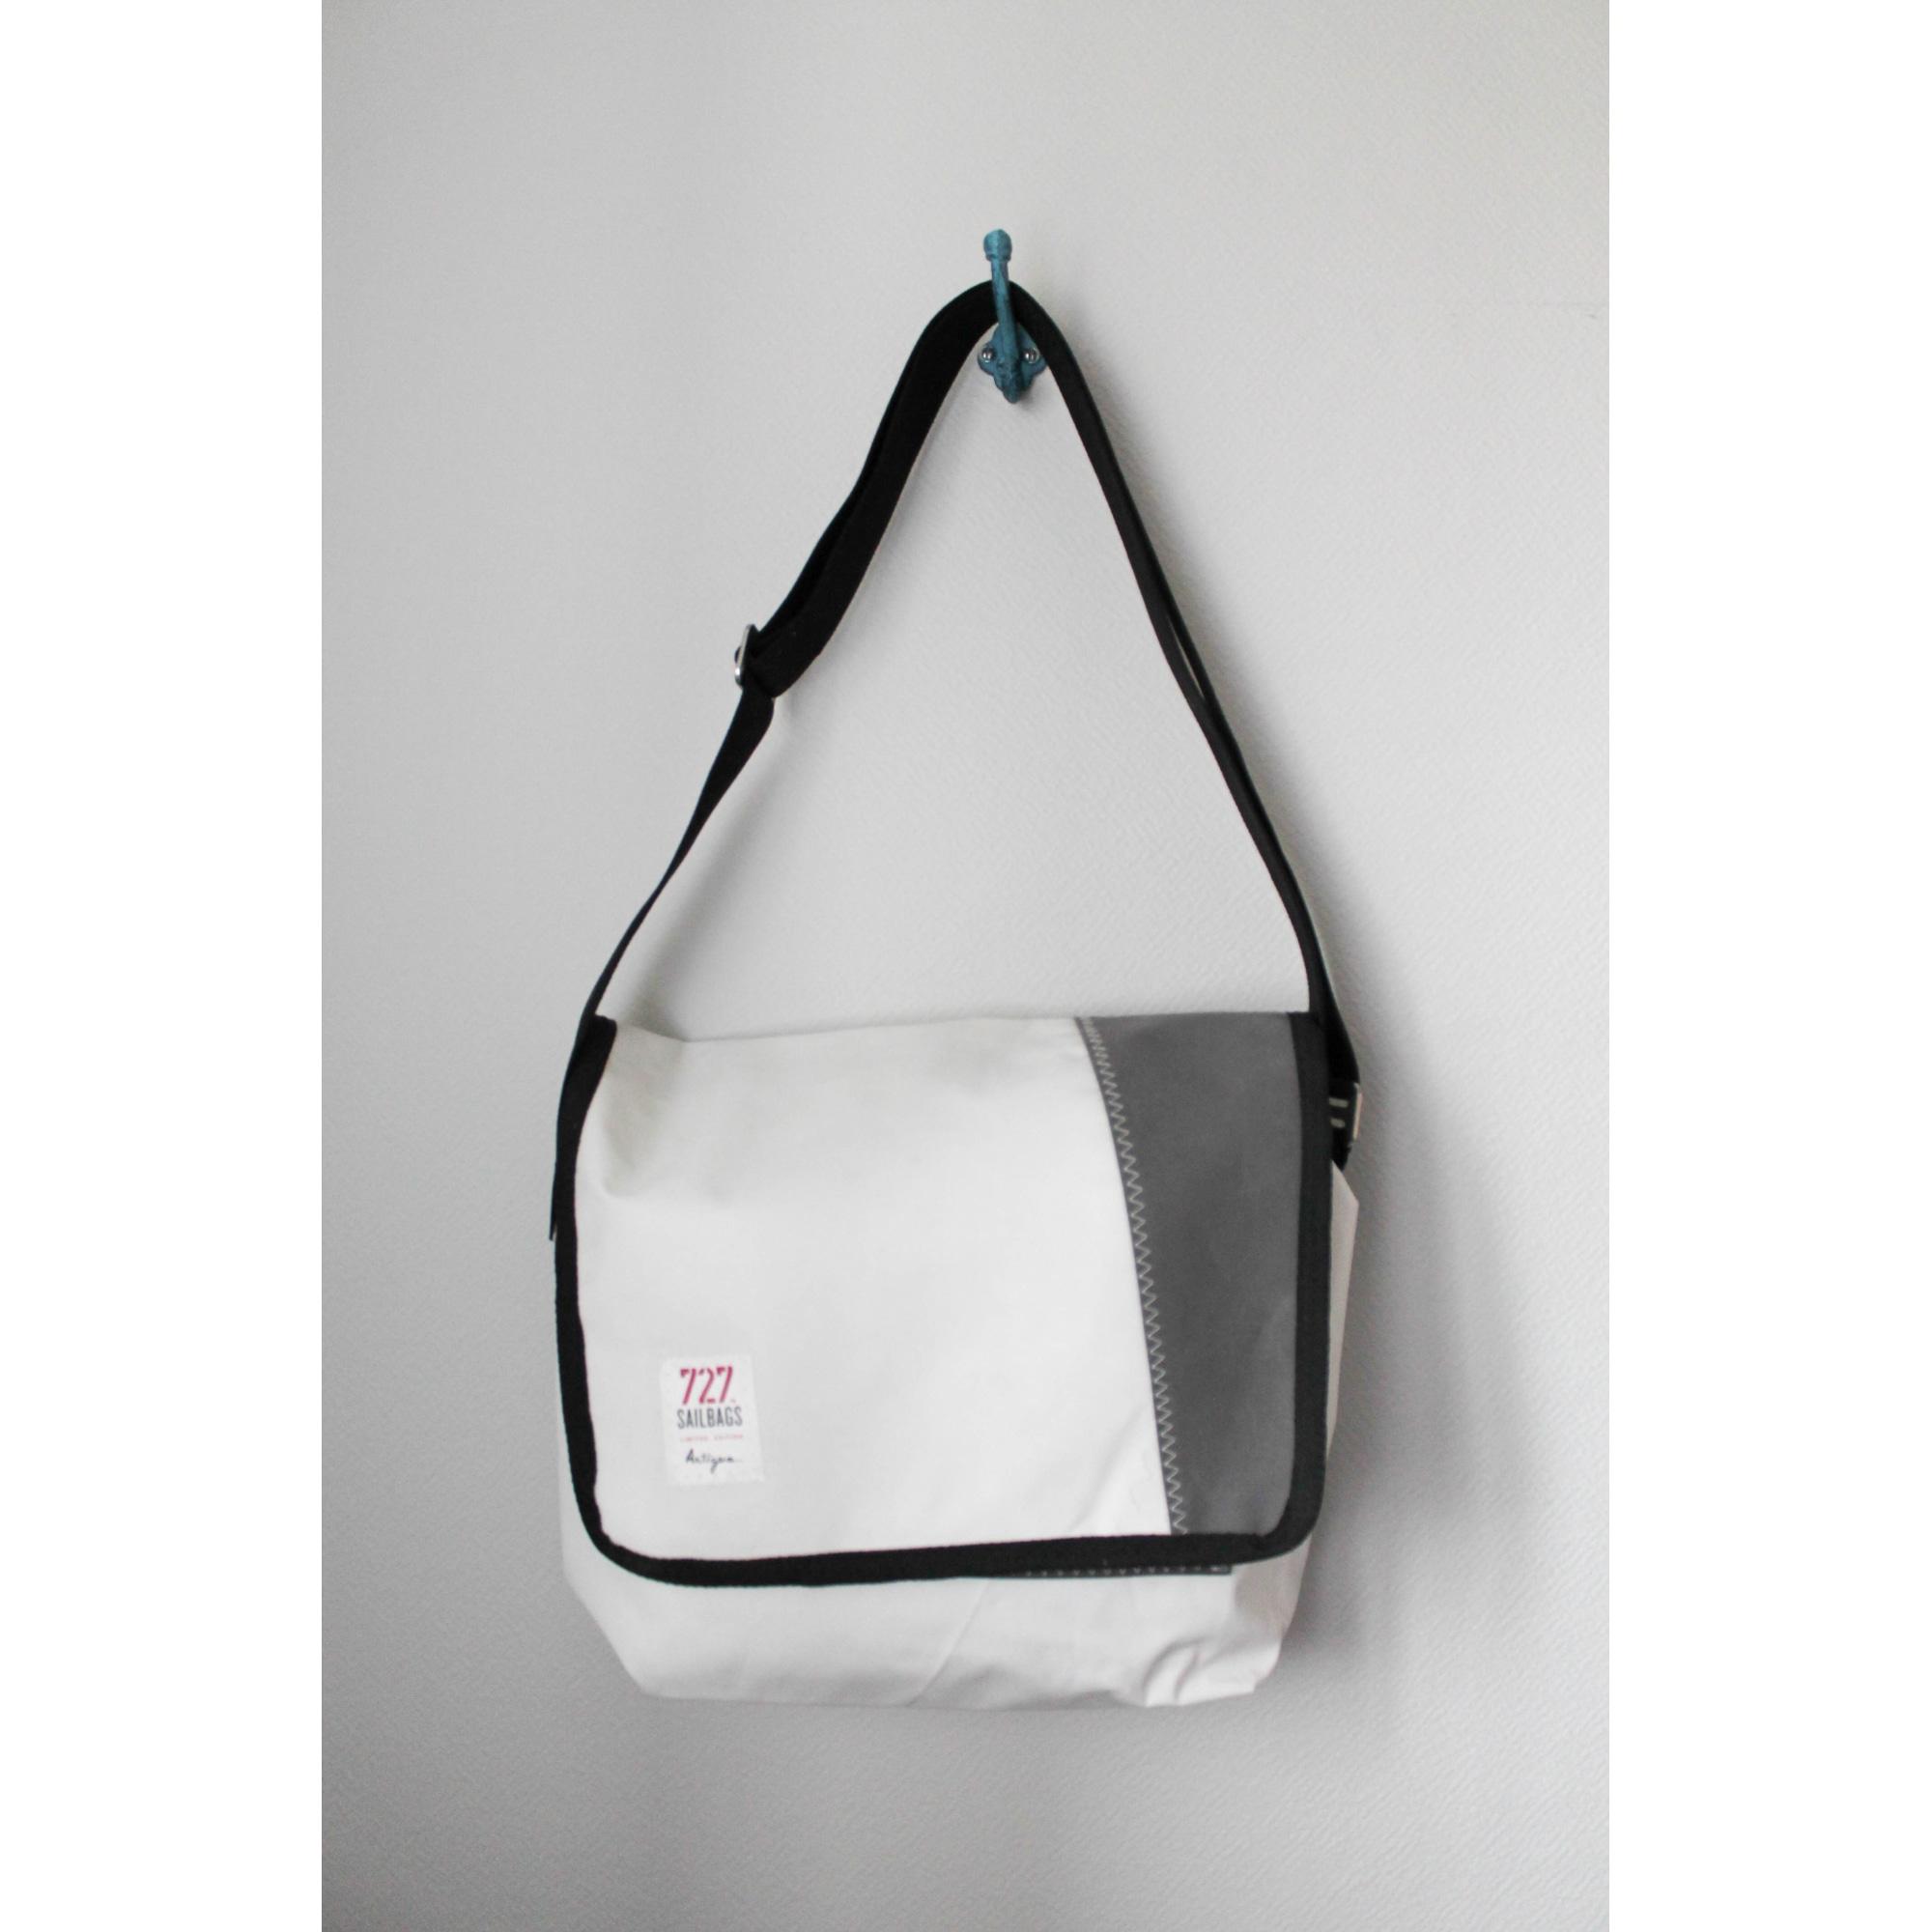 sac en bandoulière 727 sailbags gris - 7458243